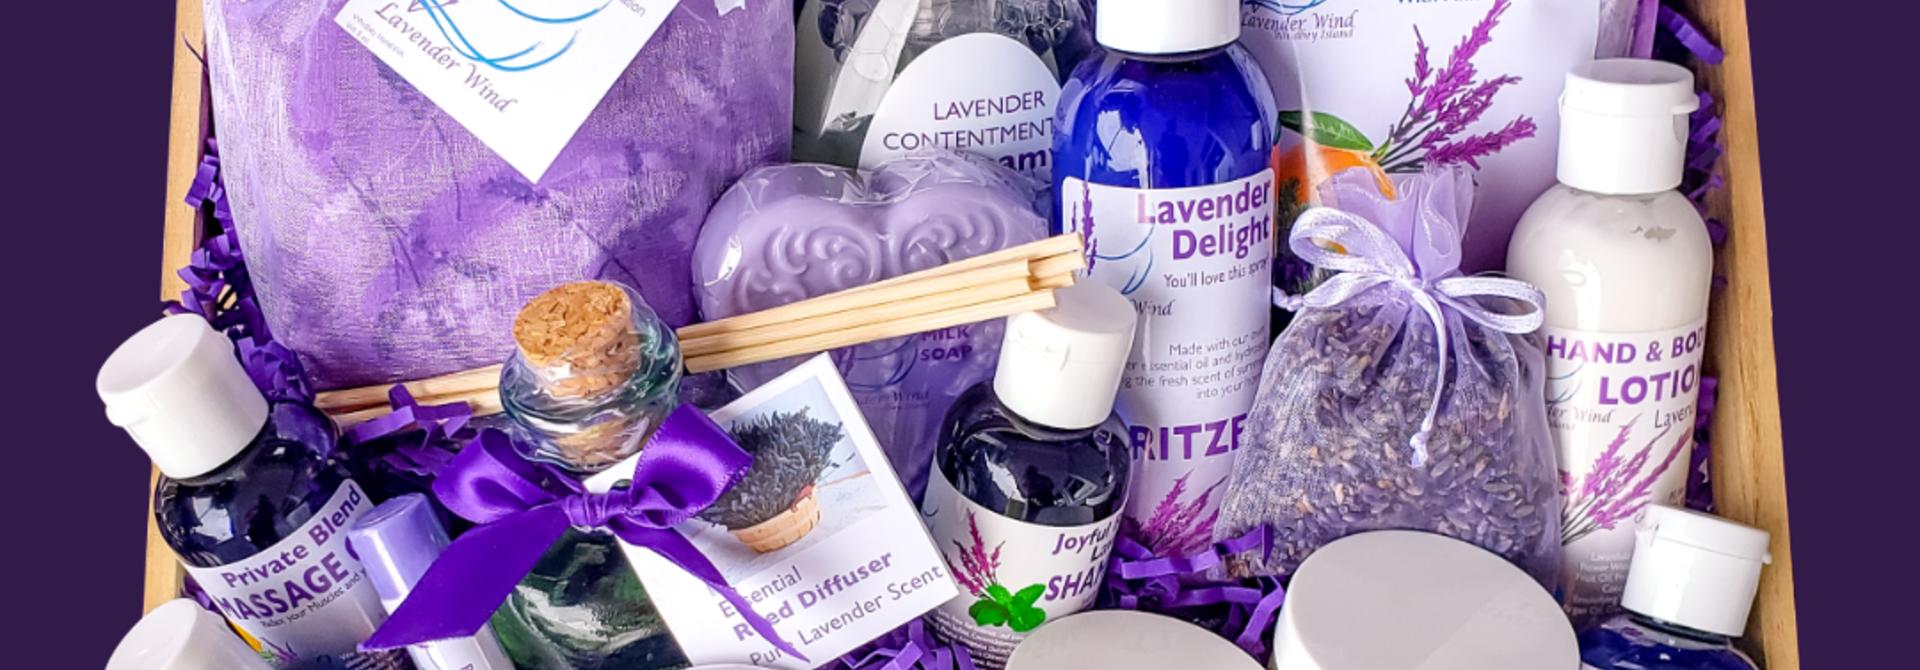 Pampering Lavender Gift Set